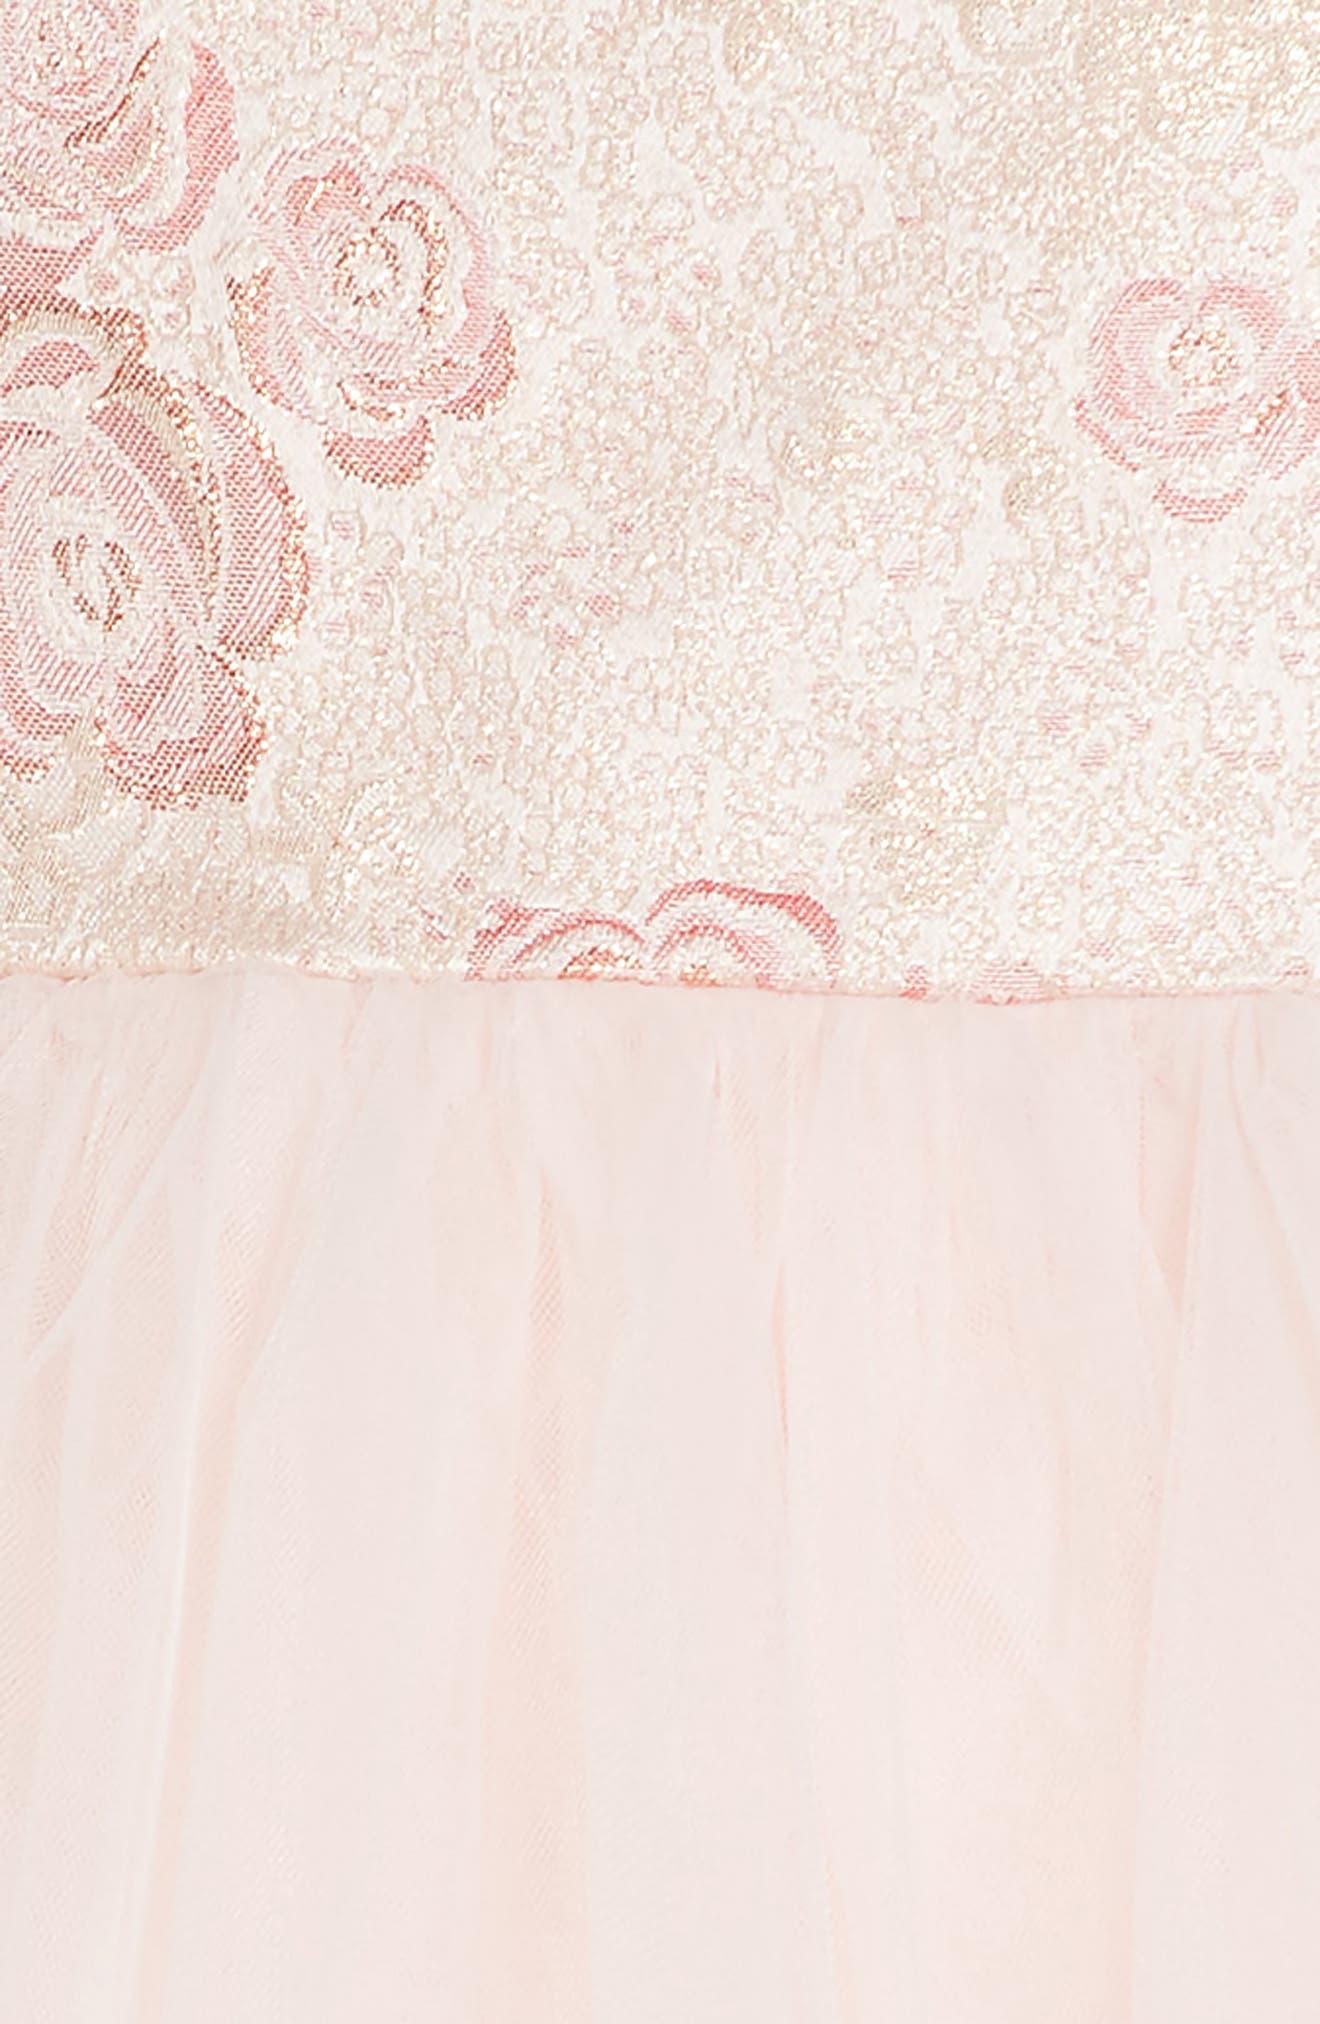 Rose Jacquard Fit & Flare Dress,                             Alternate thumbnail 3, color,                             650